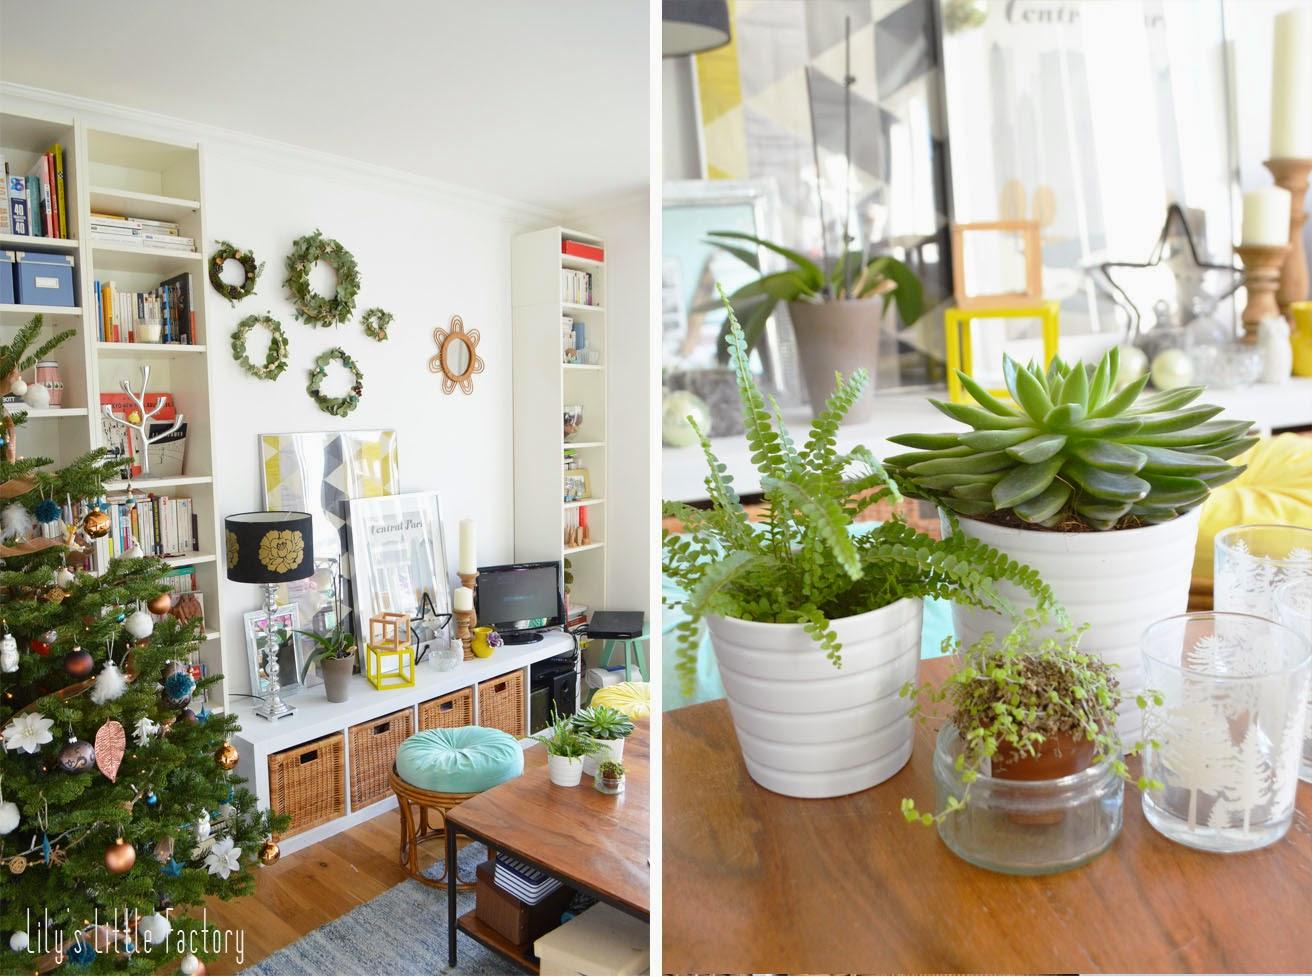 deuxi me etage porte du milieu mon appart 1 lily. Black Bedroom Furniture Sets. Home Design Ideas